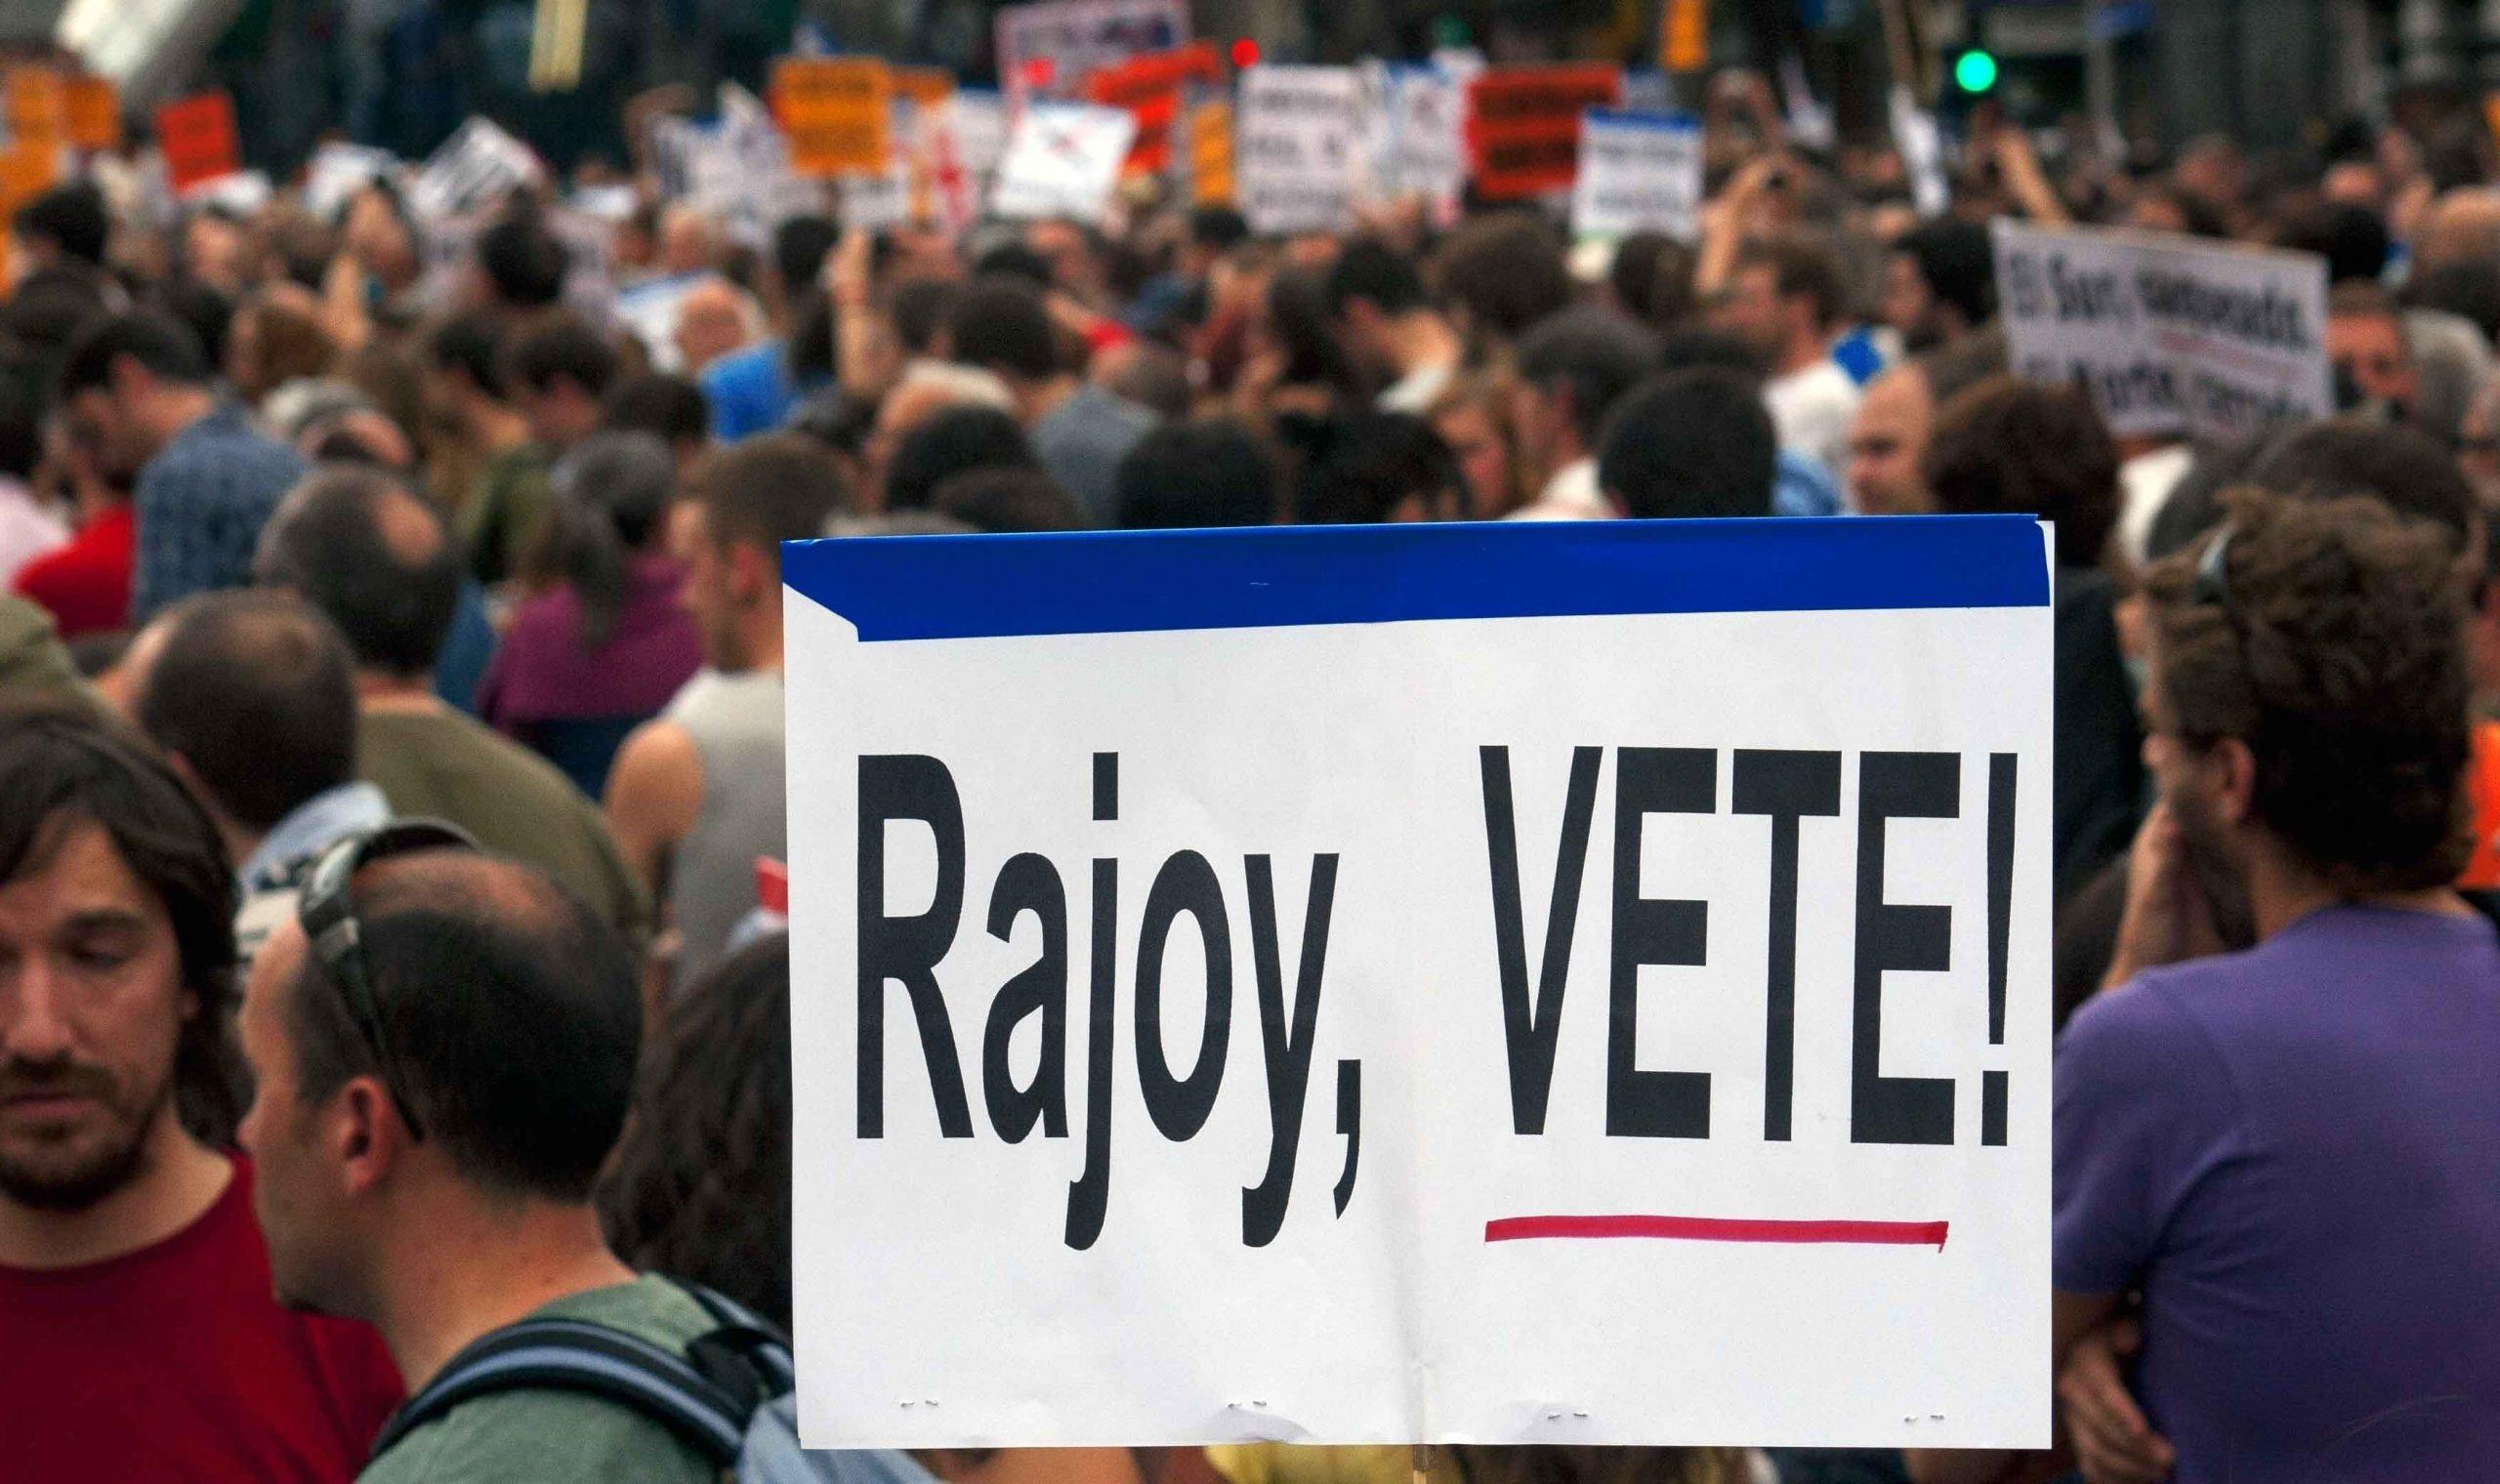 La caída de Rajoy, una oportunidad